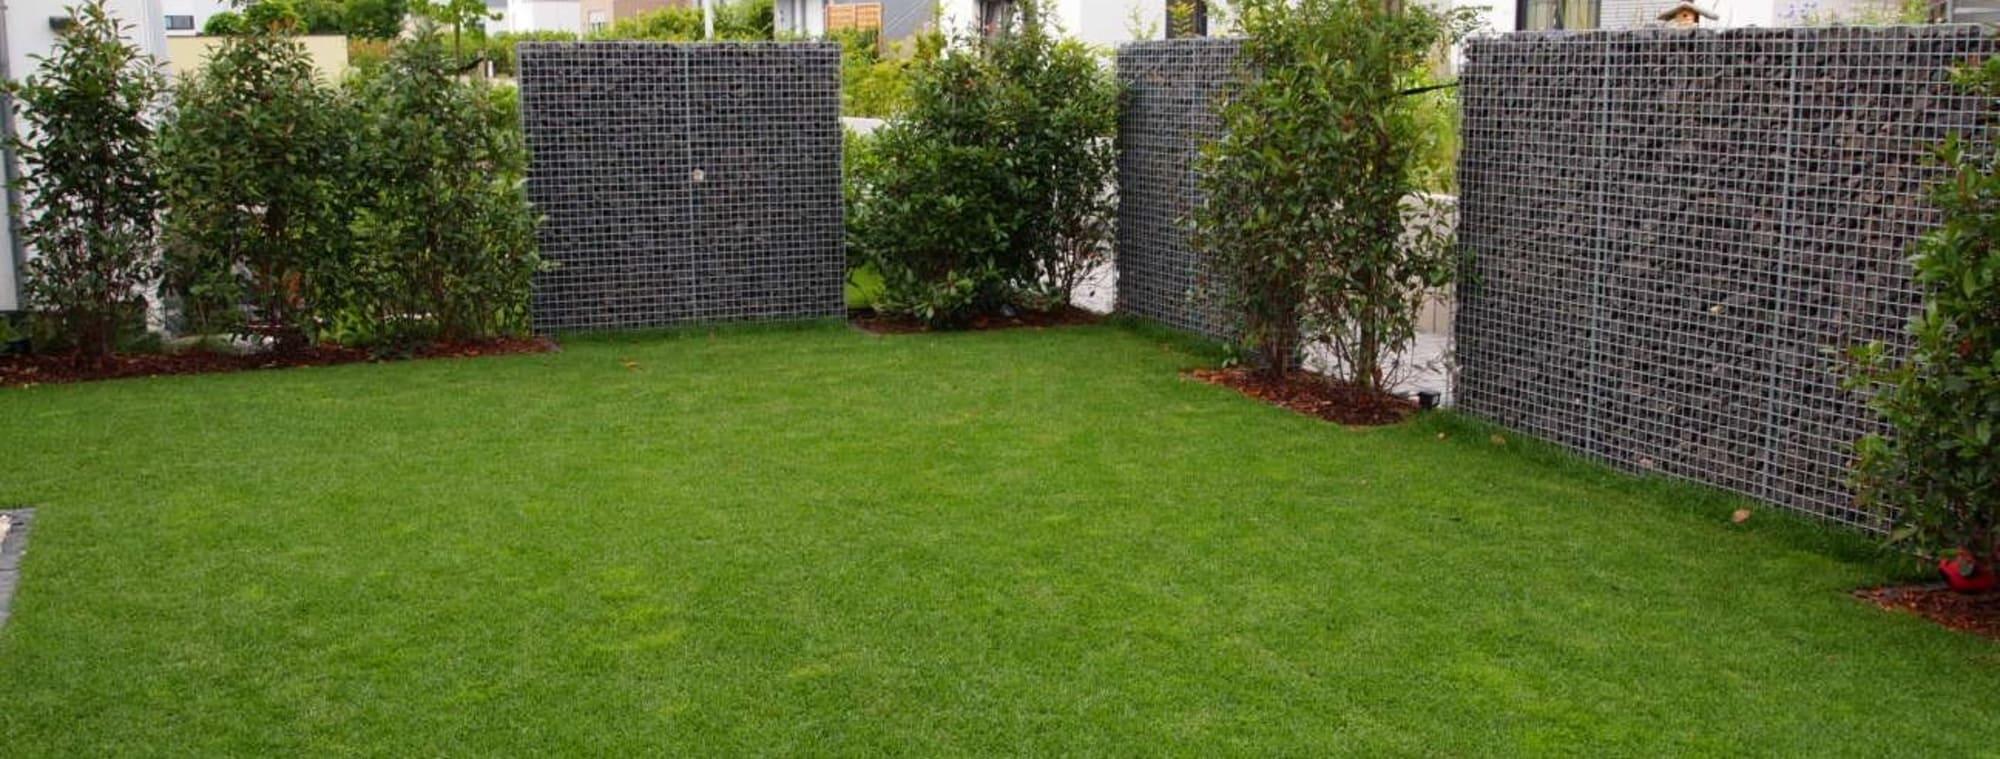 Ein gepflegter Rasen durch Gartenbau von Florian Feth